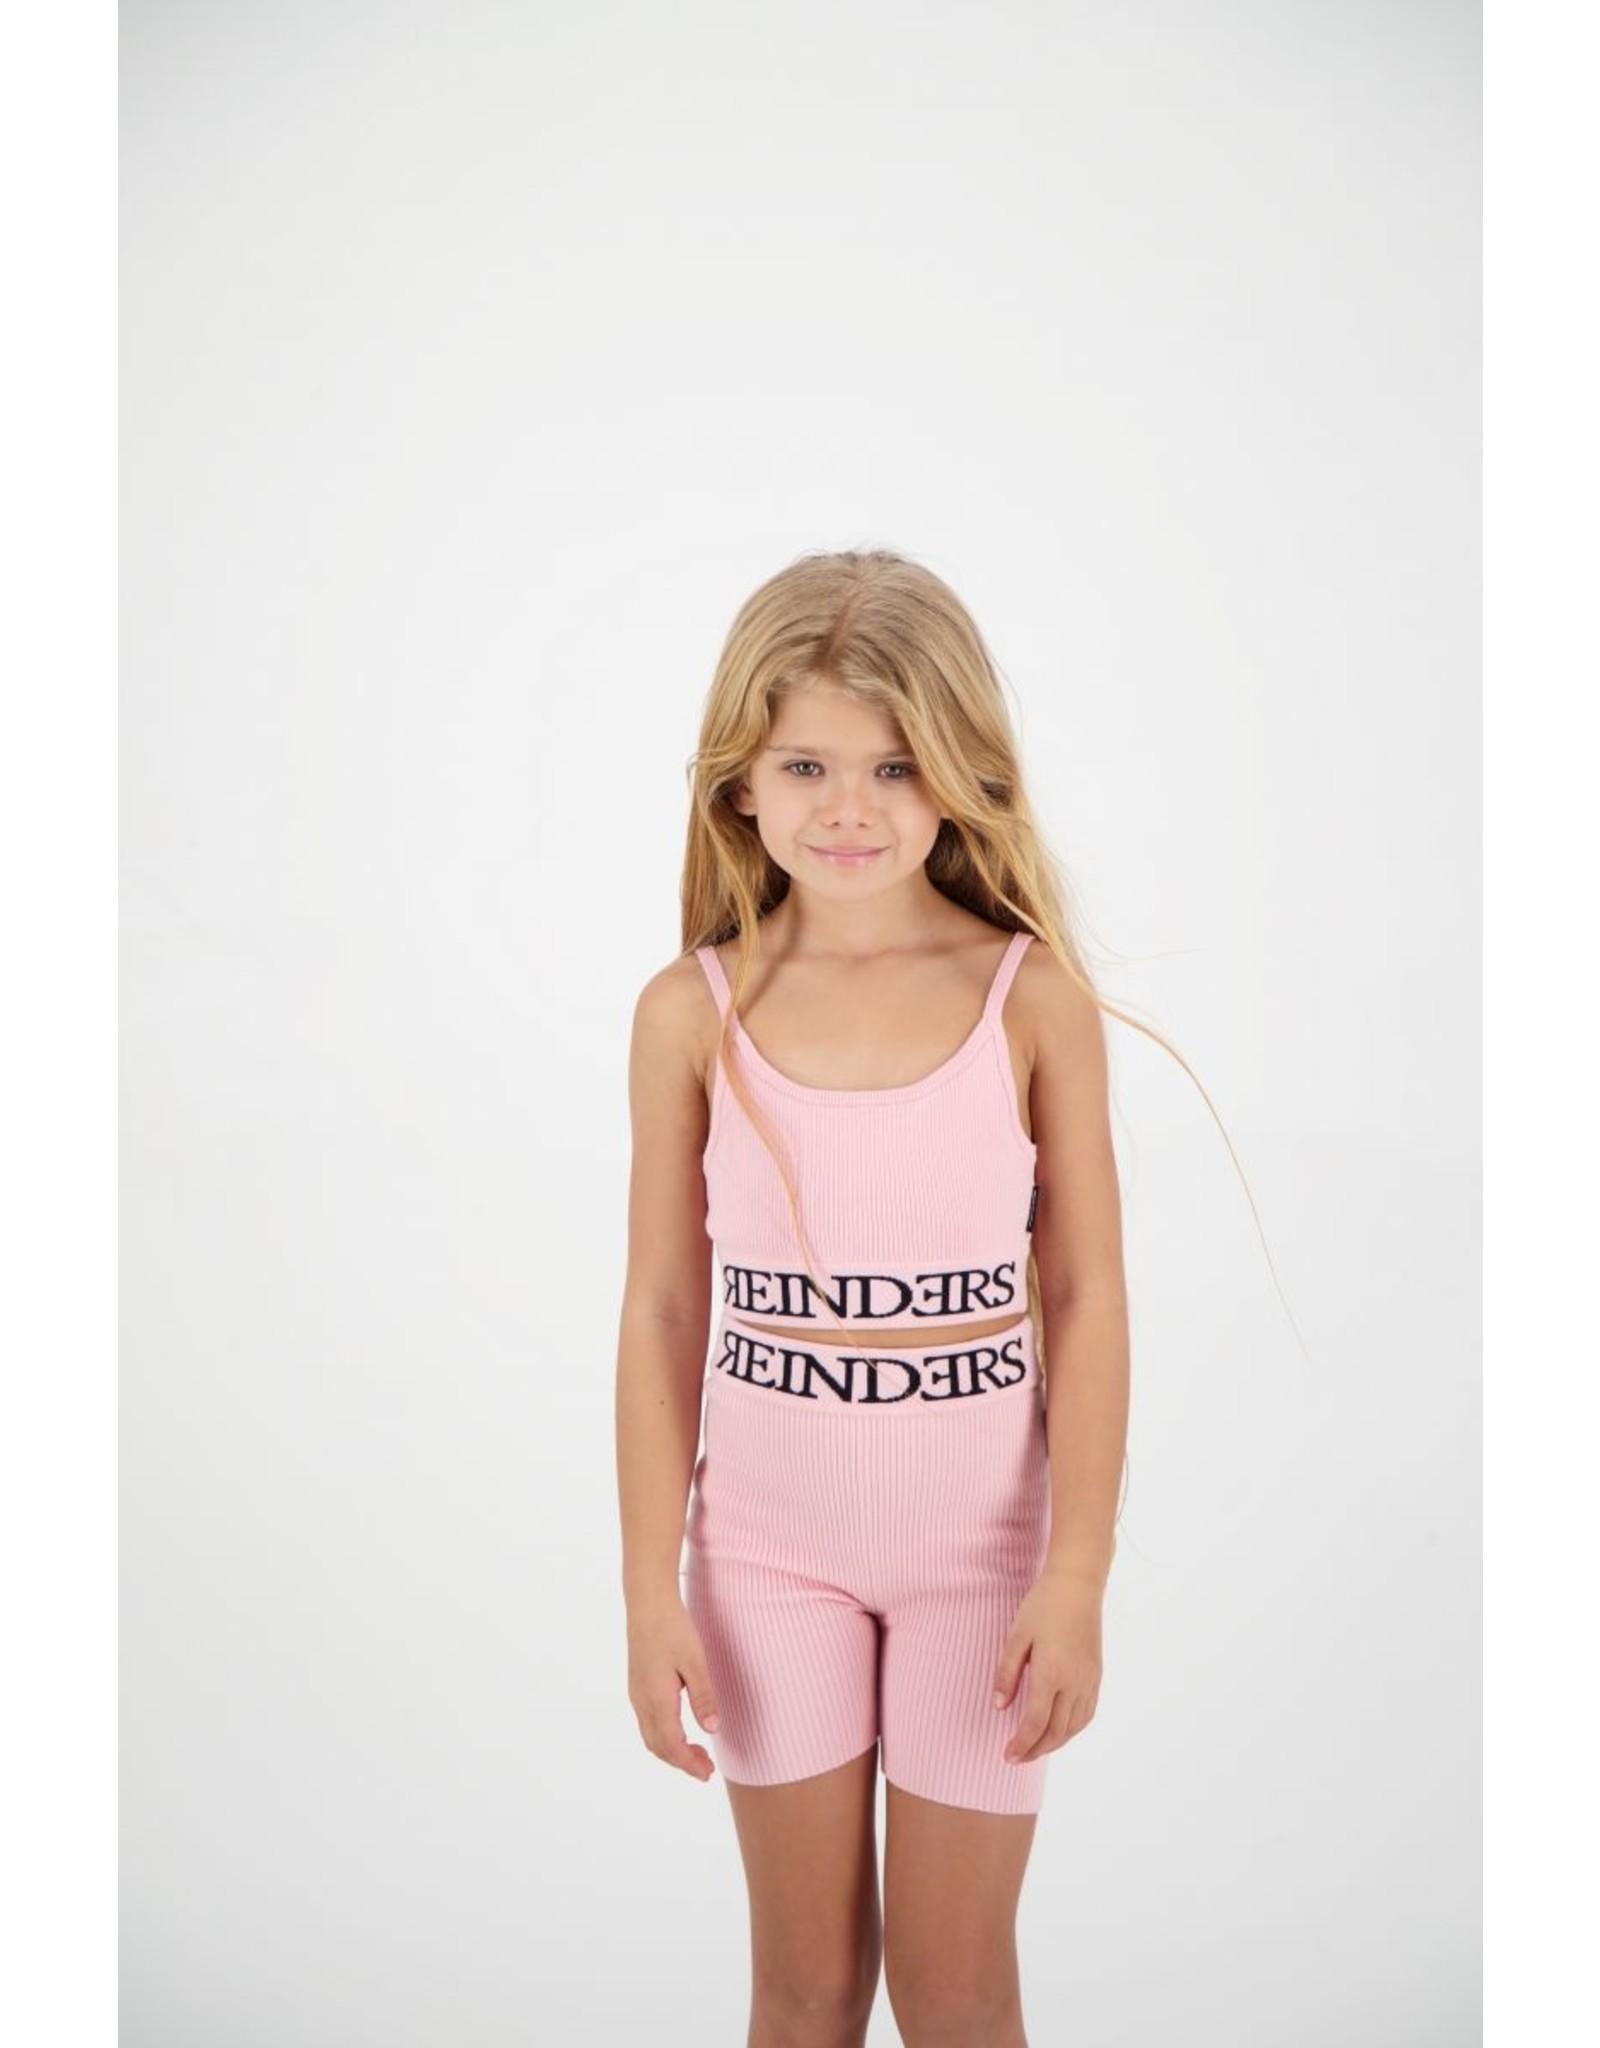 Reinders Top Entarsia Baby Pink